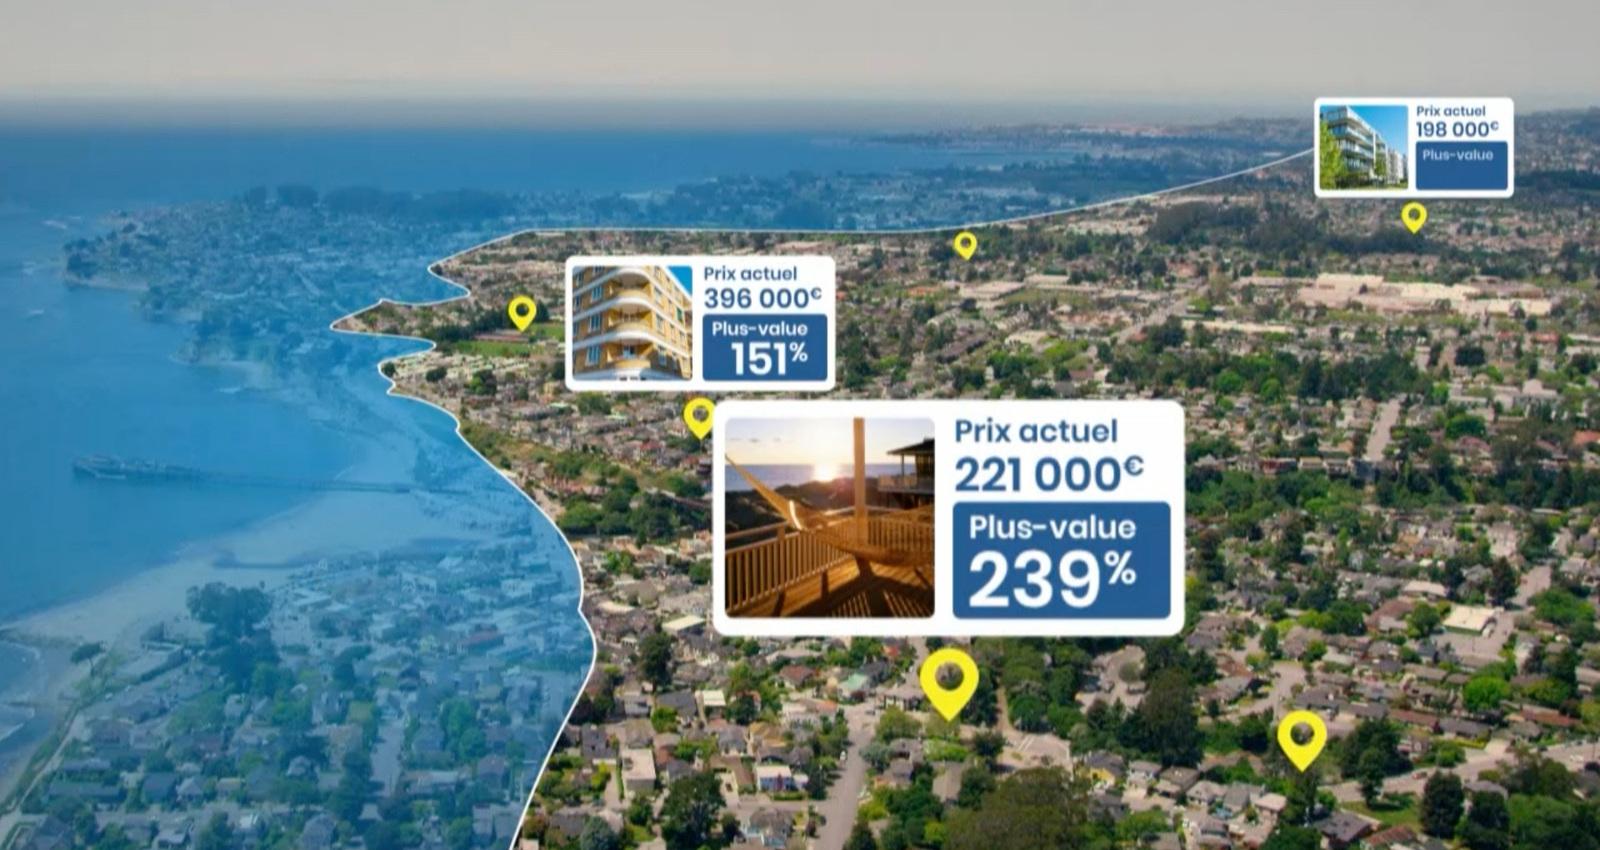 Orizon, Predictive Real Estate